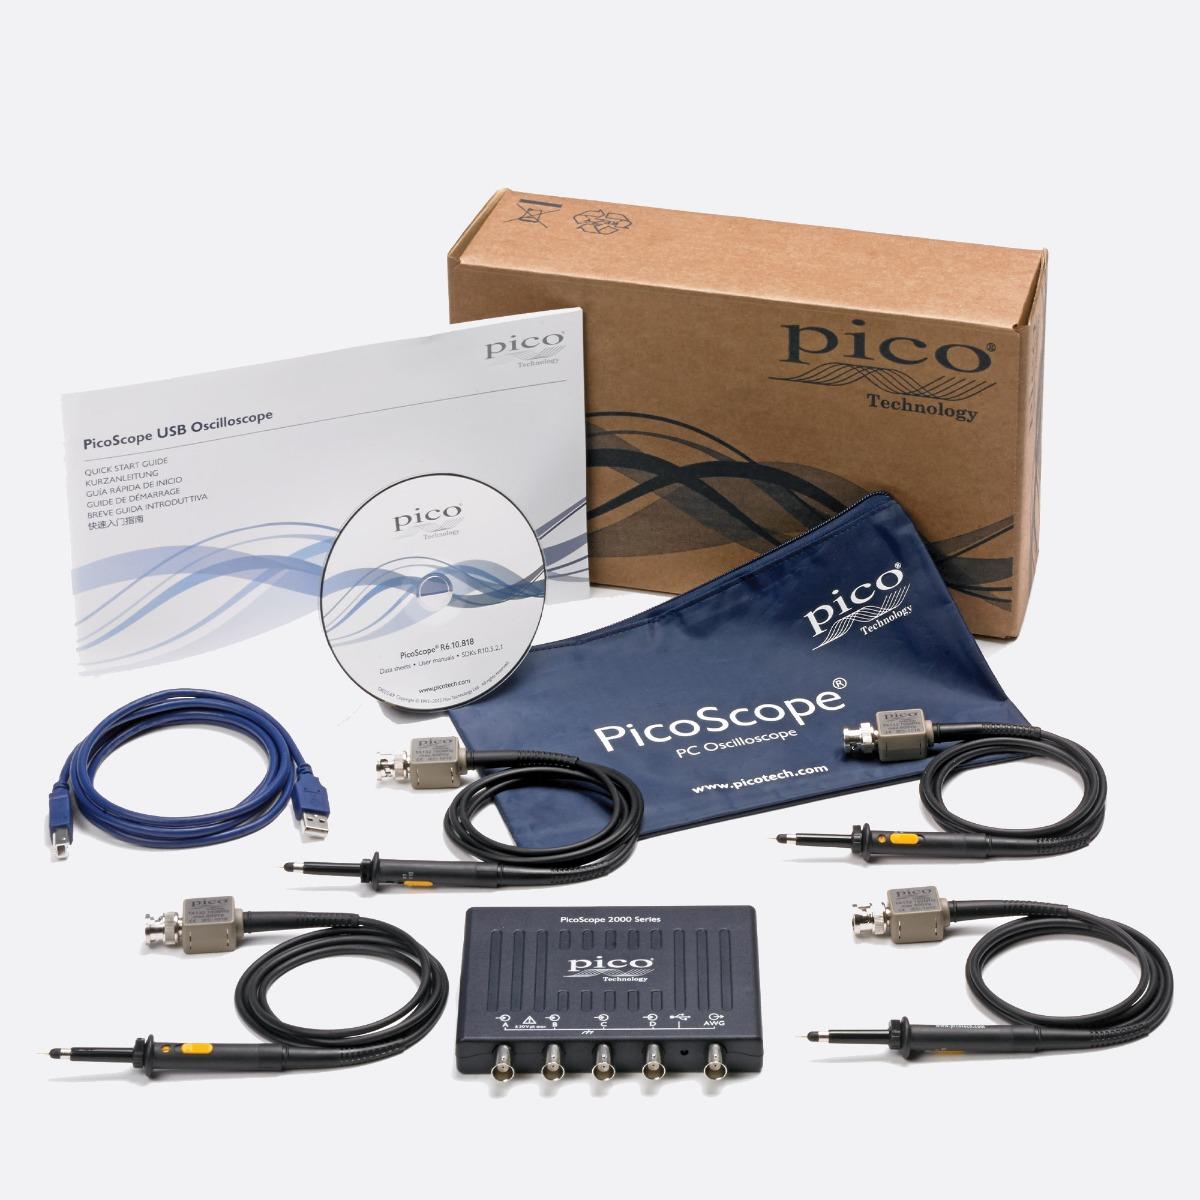 Pico_240xx_contents_Ccontrols